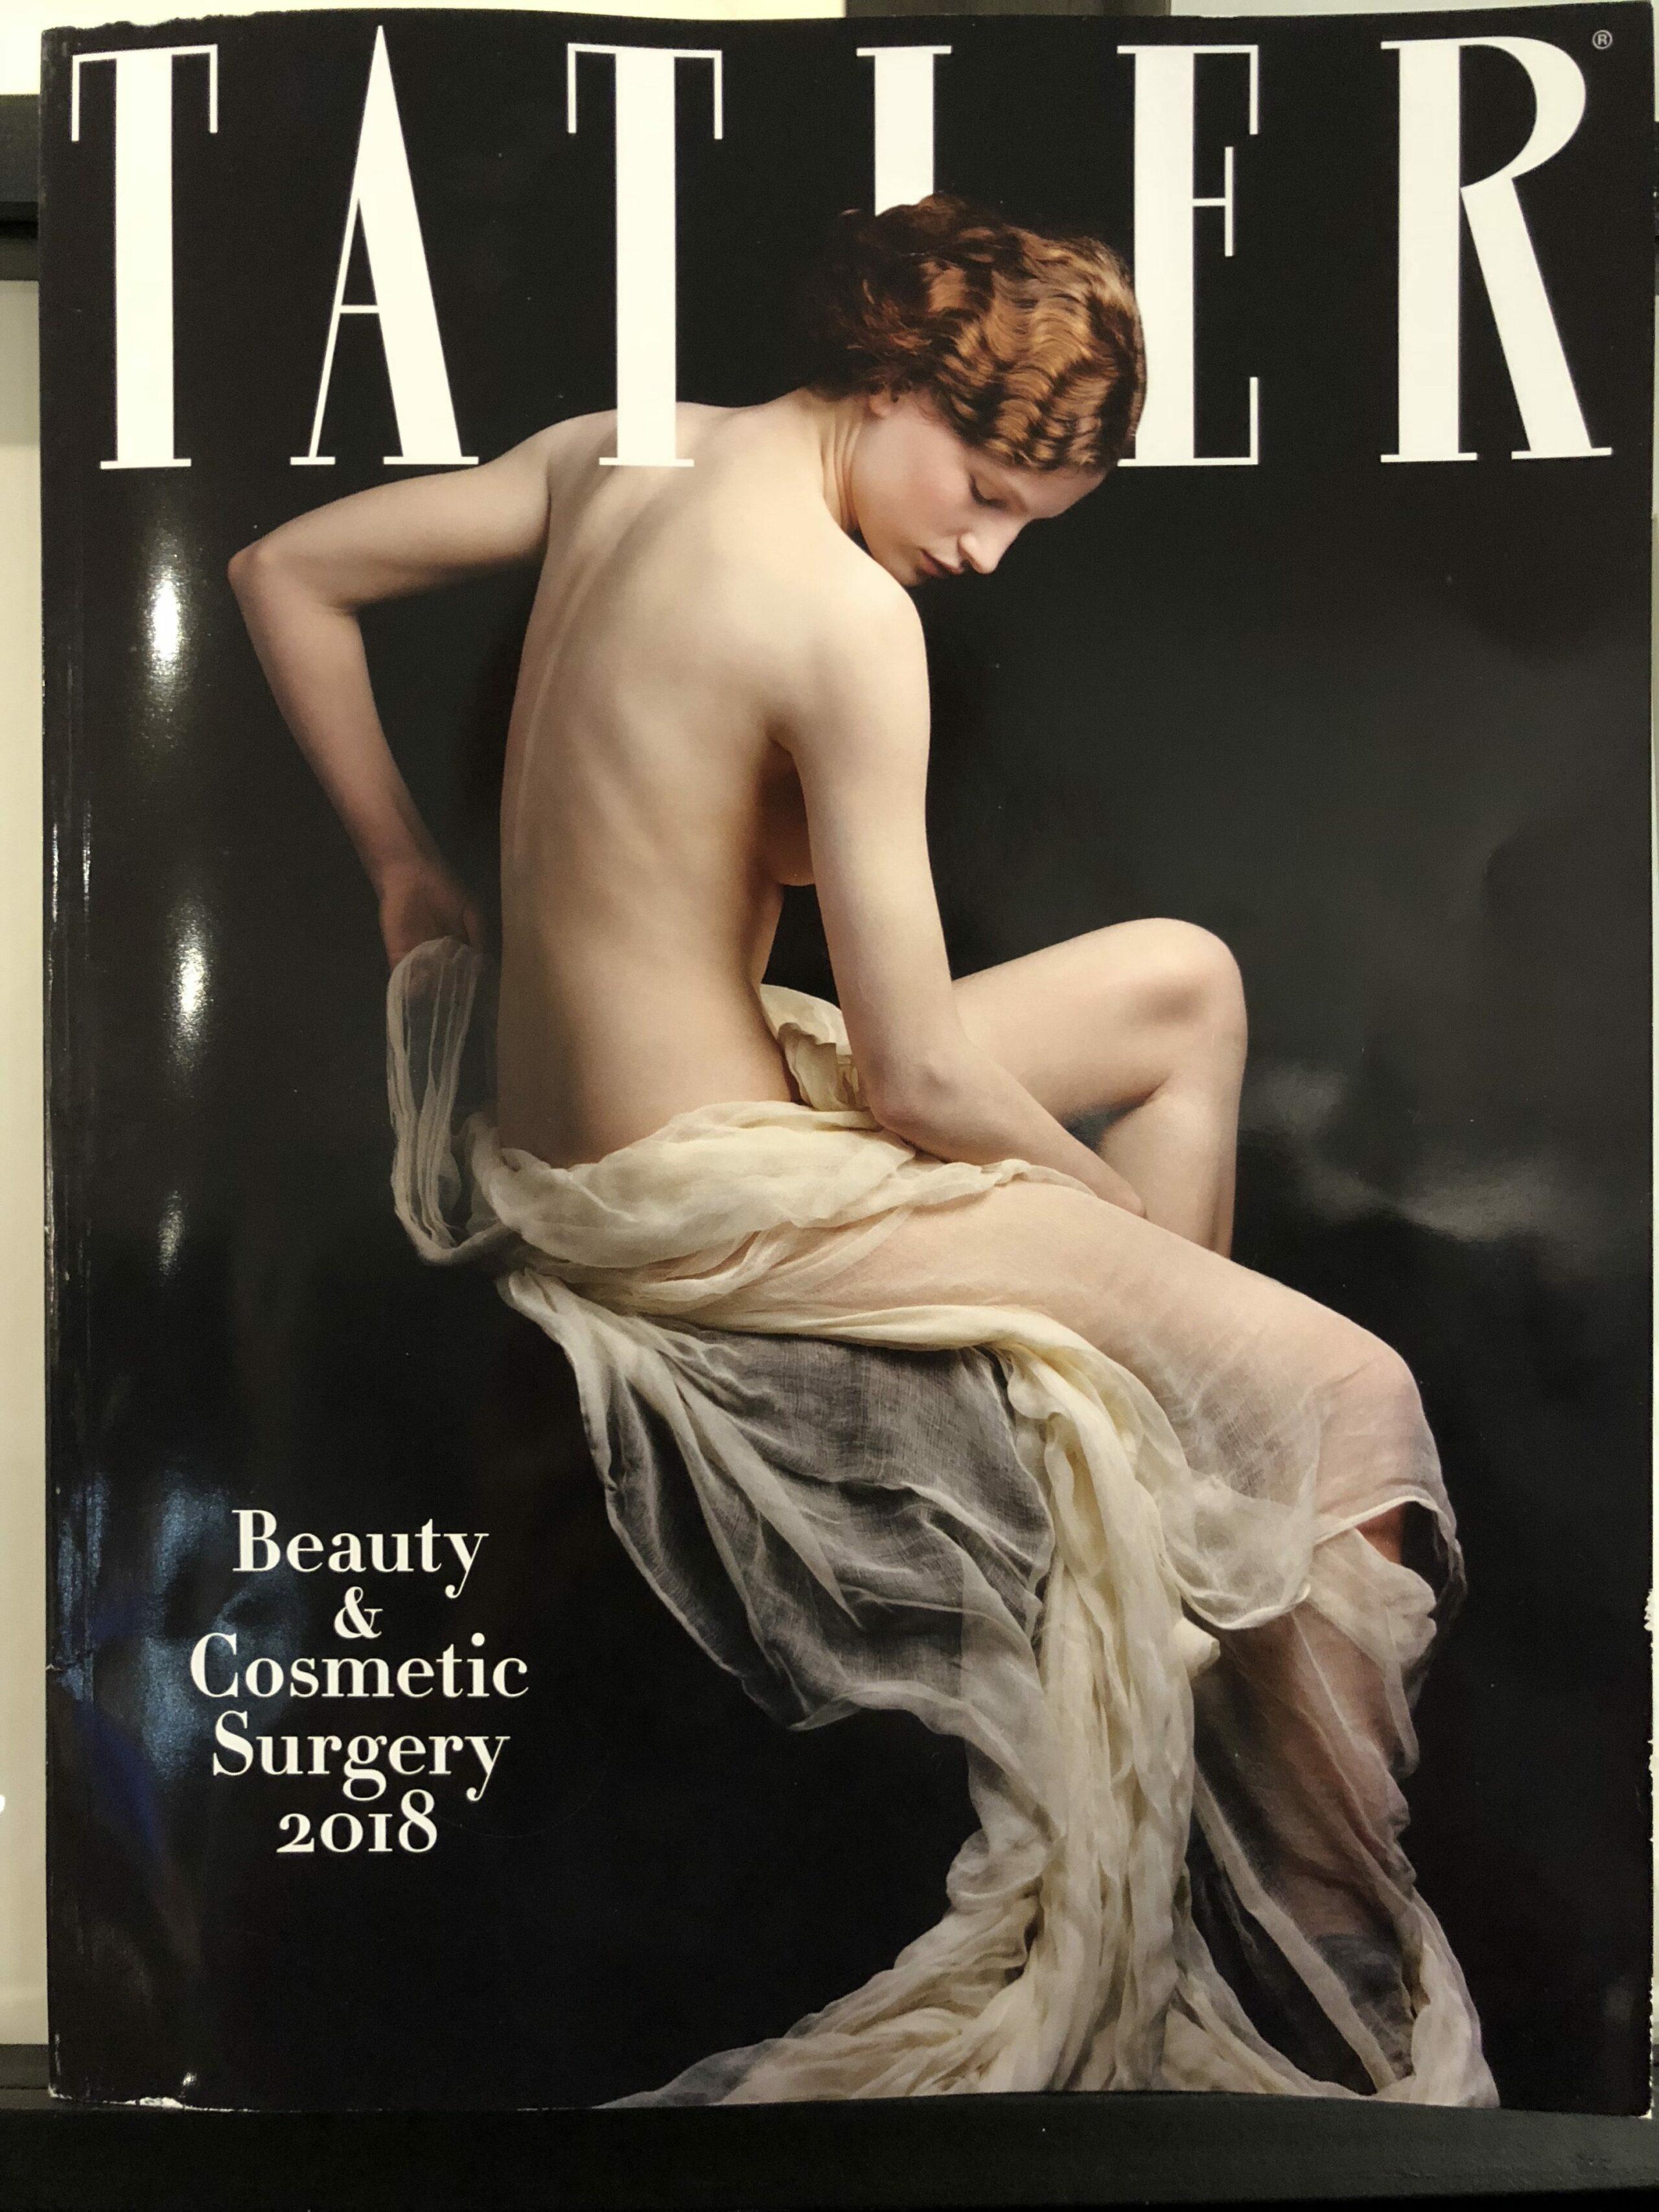 Tatler Beauty & Cosmetic Surgery 2018